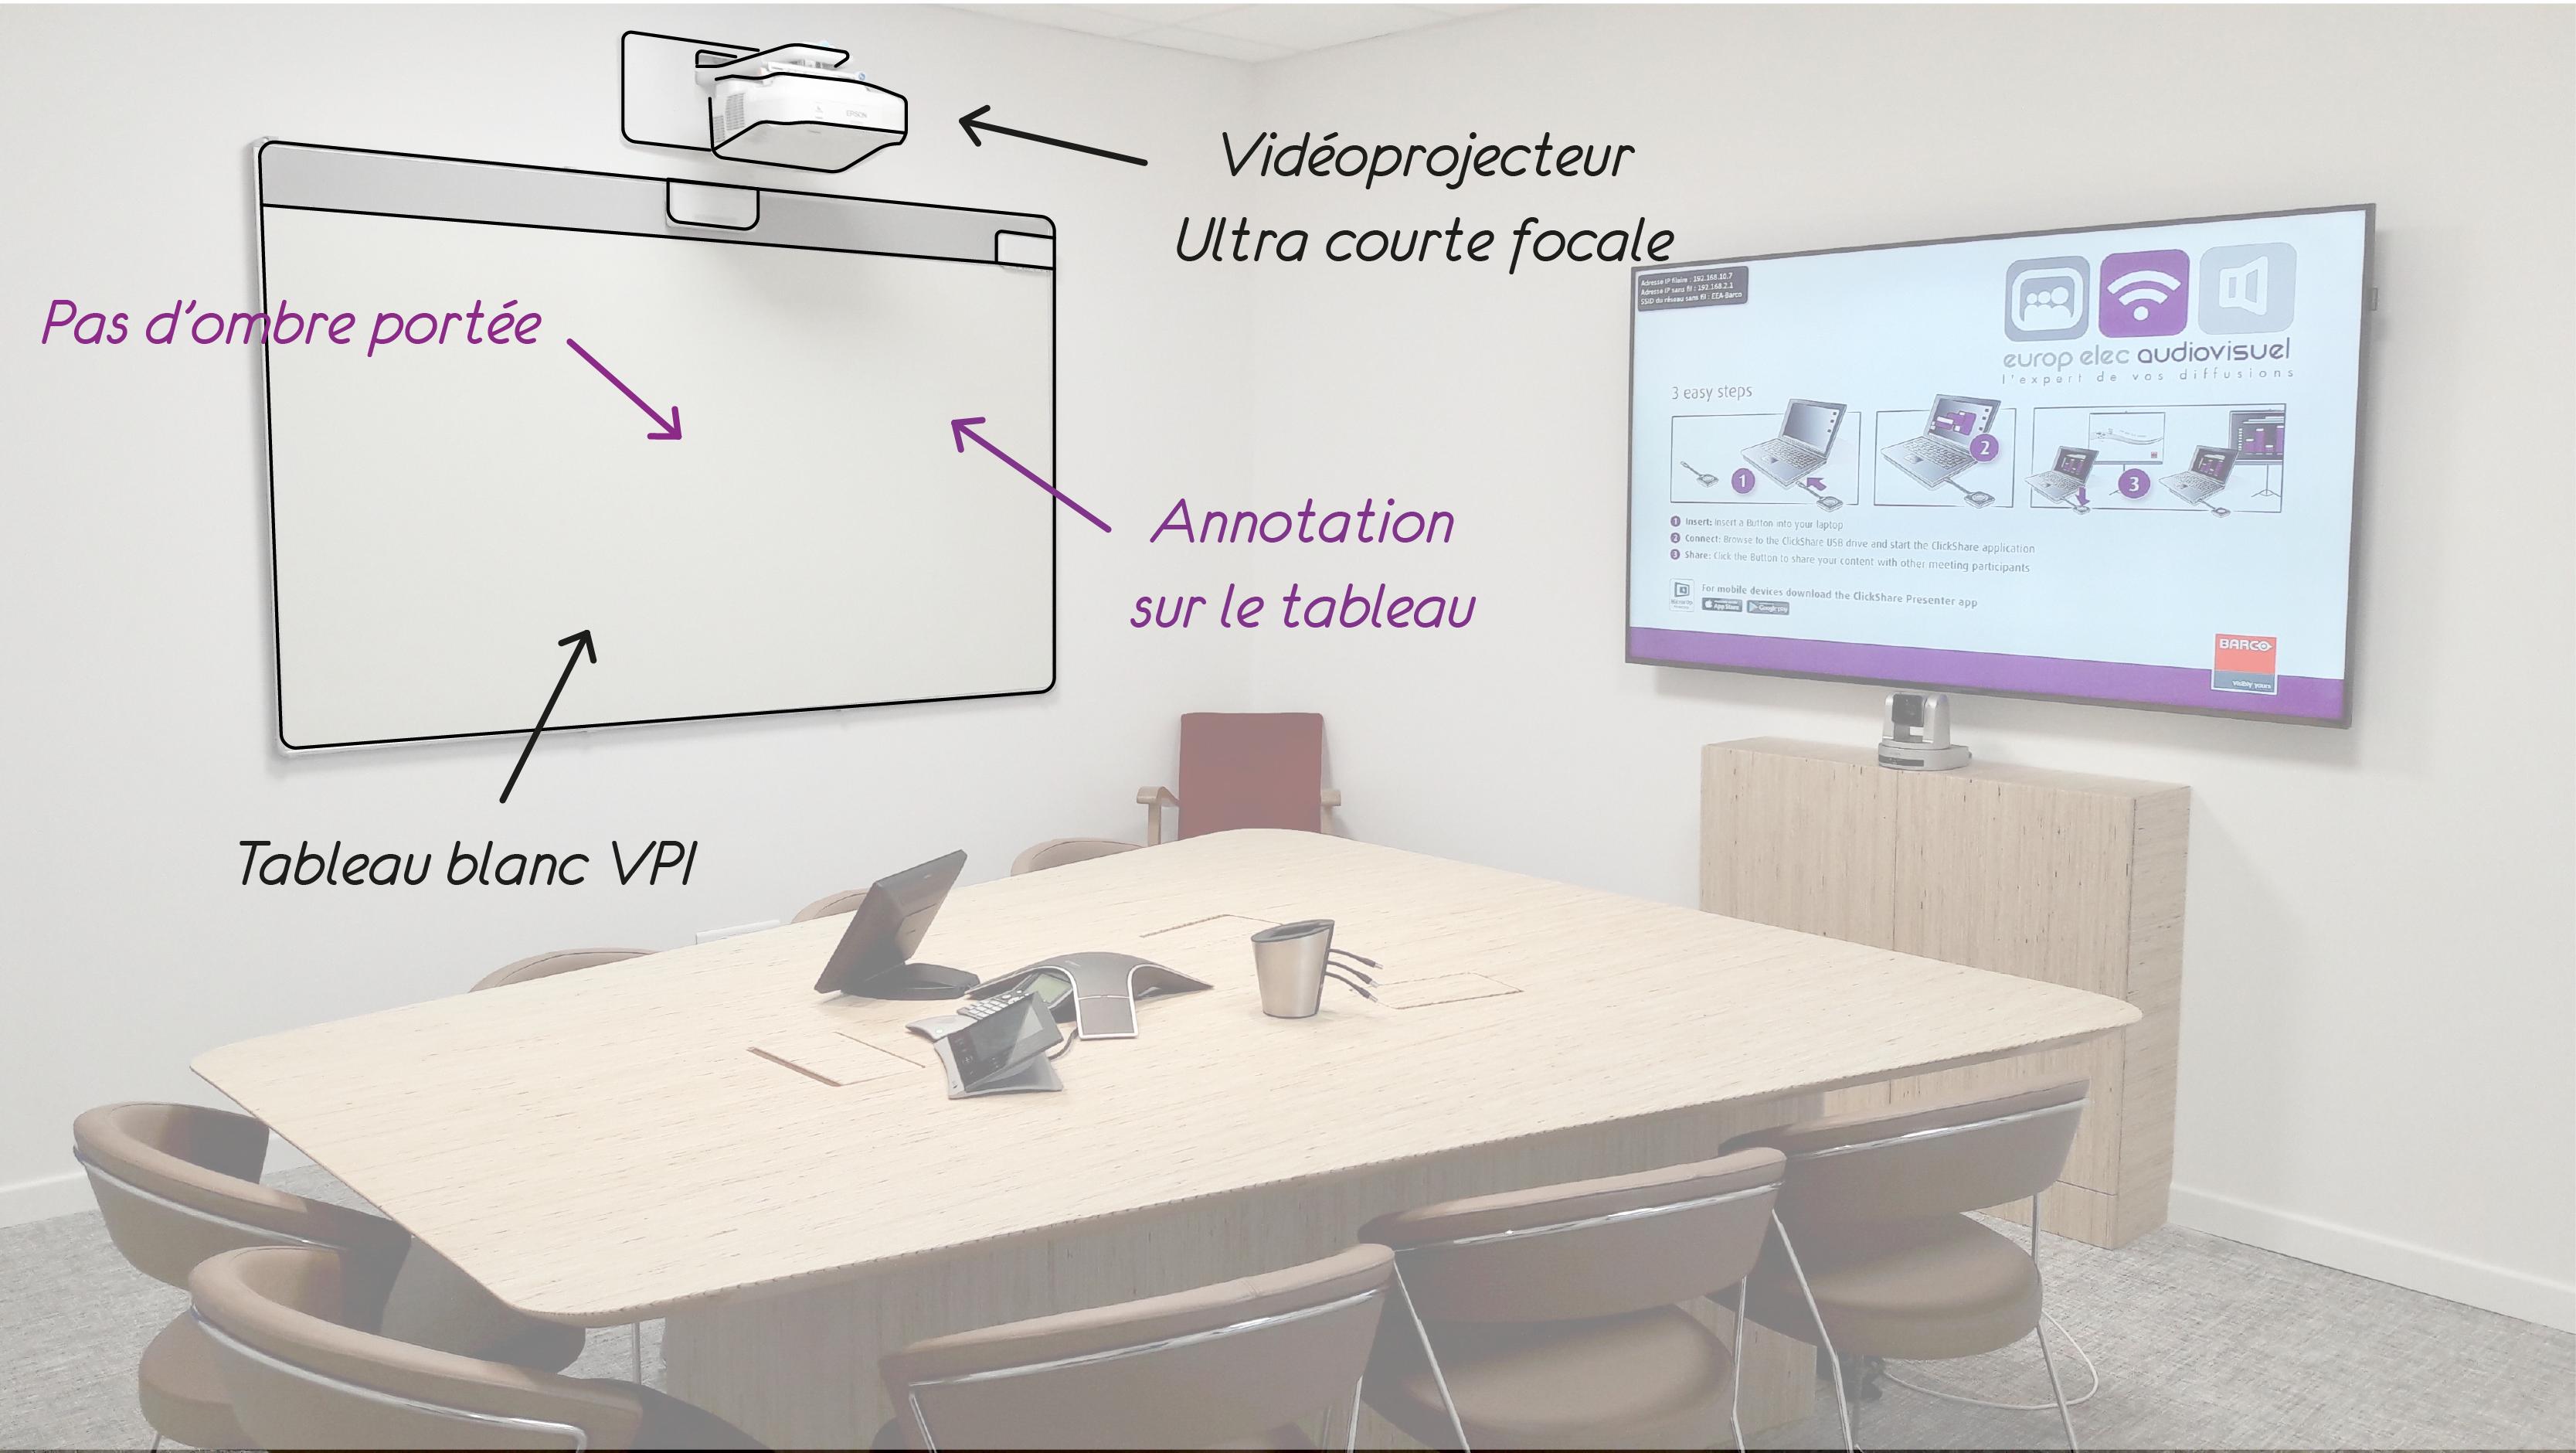 Schema_videoprojecteur-interactif_Lyon